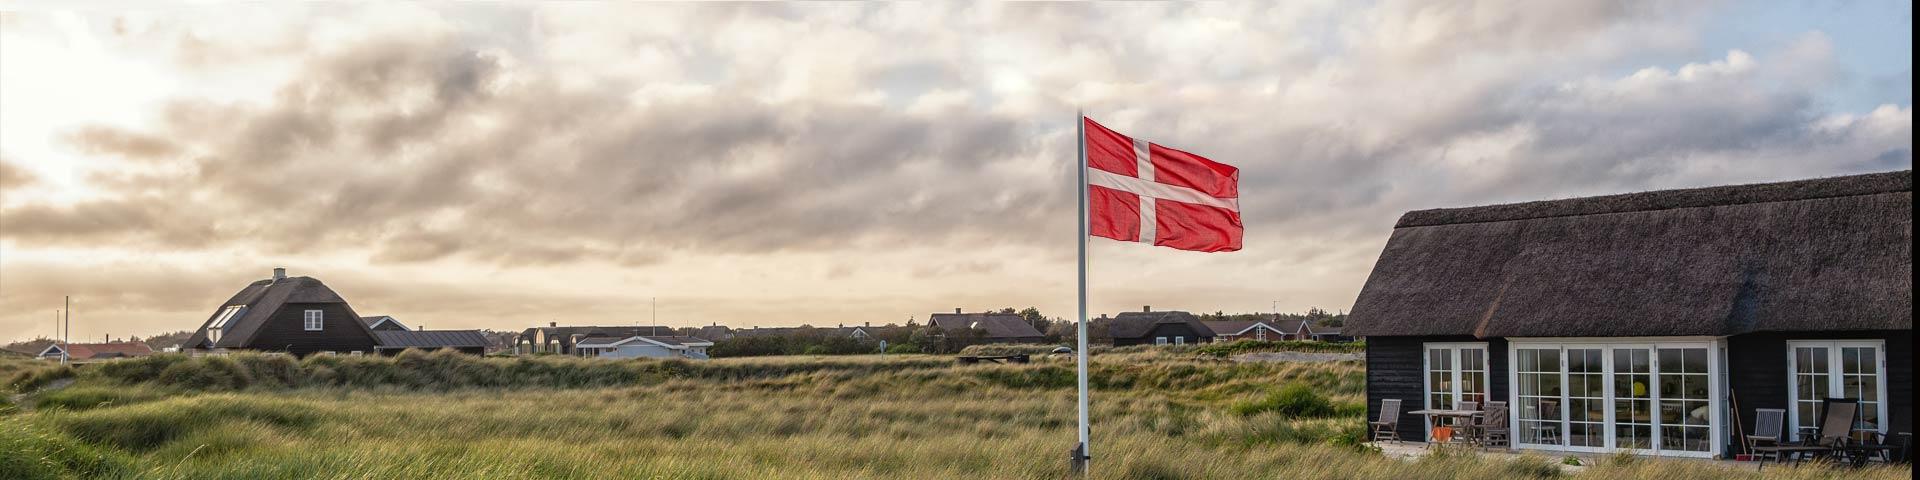 Ferienhäuser Dänemark - Jetzt aktuelle Angebote vergleichen